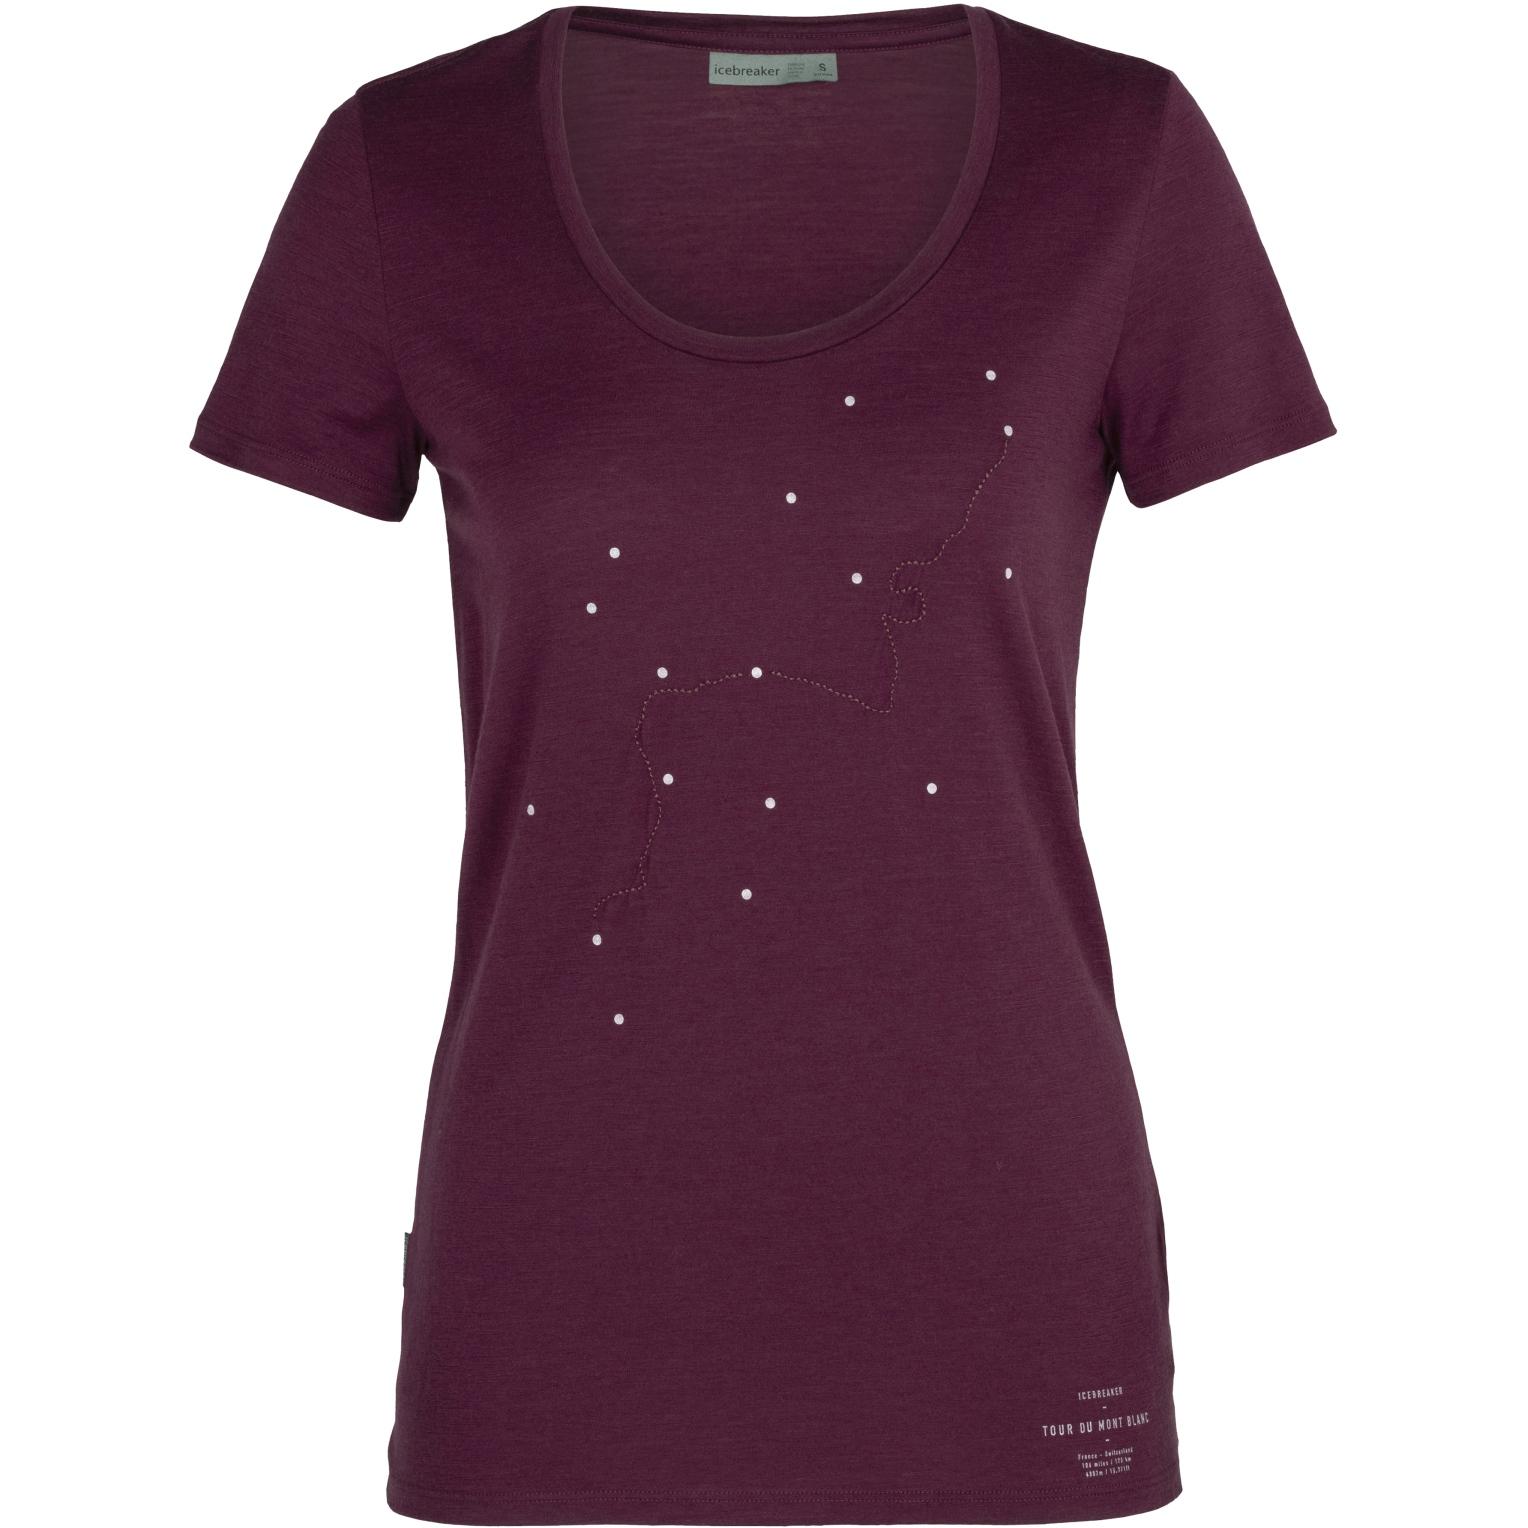 Produktbild von Icebreaker Tech Lite Scoop Tour Du Mont Blanc Damen T-Shirt - Brazilwood